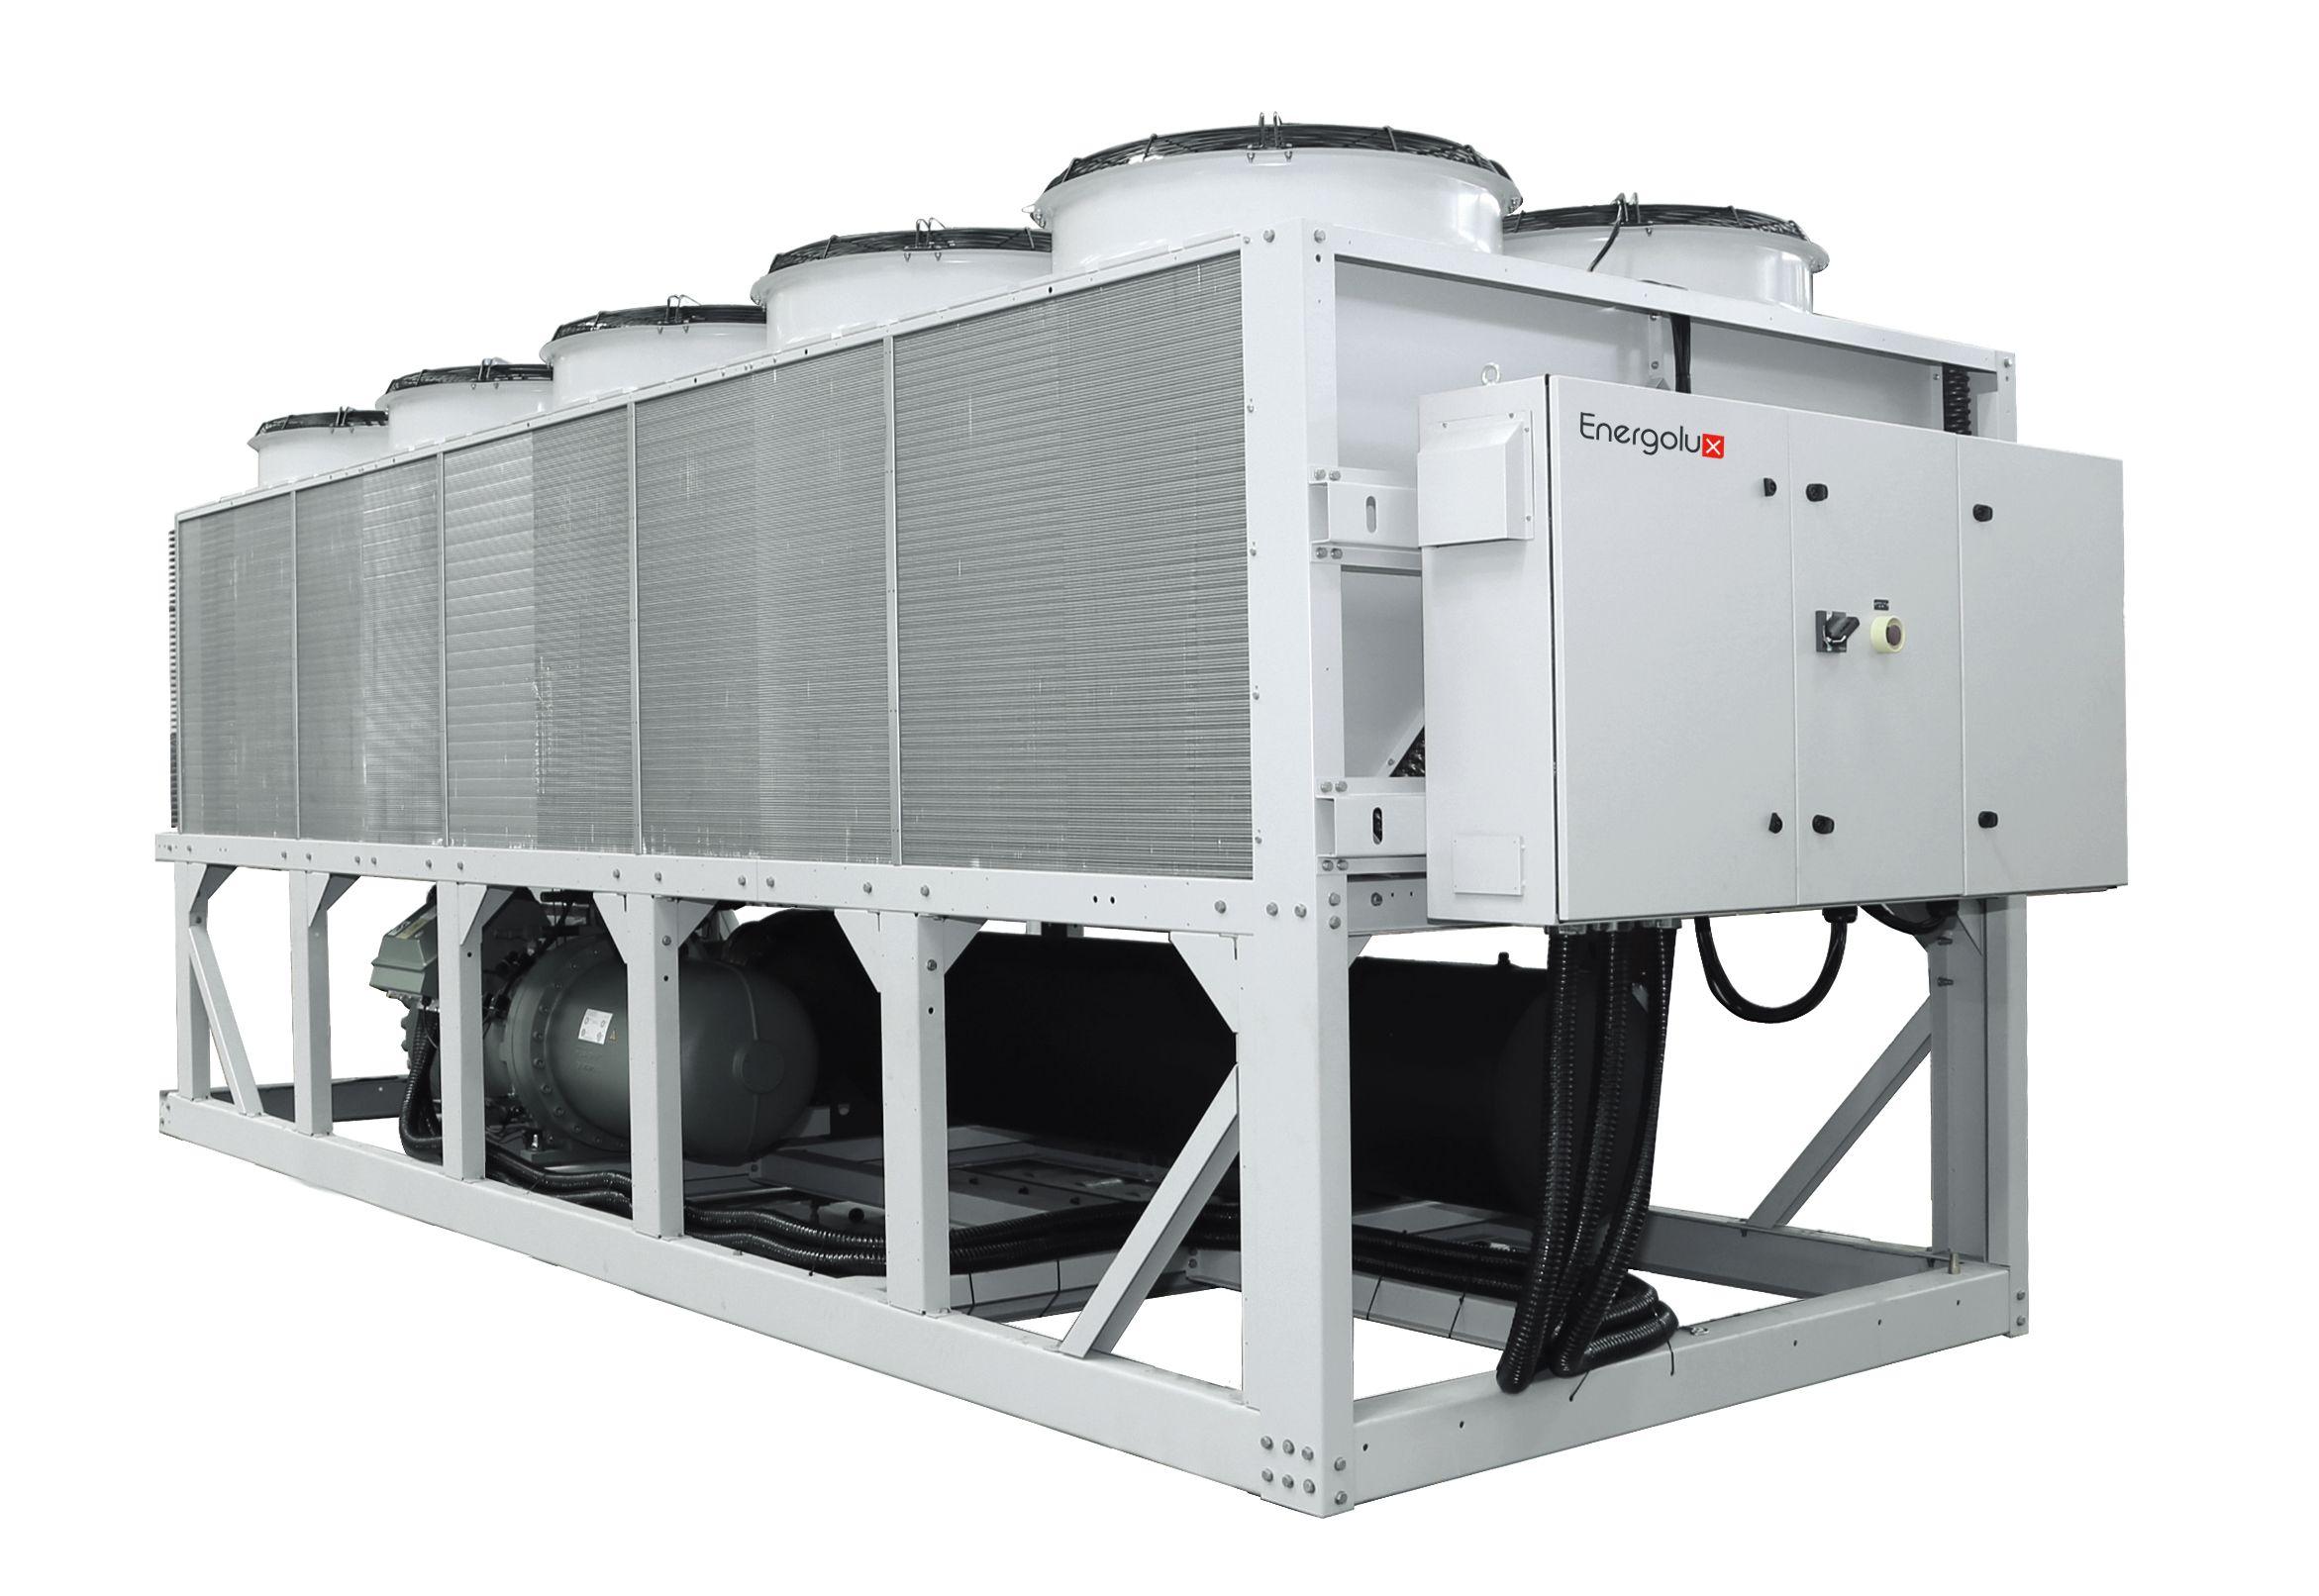 Energolux SCAW-FC-T 2930 V